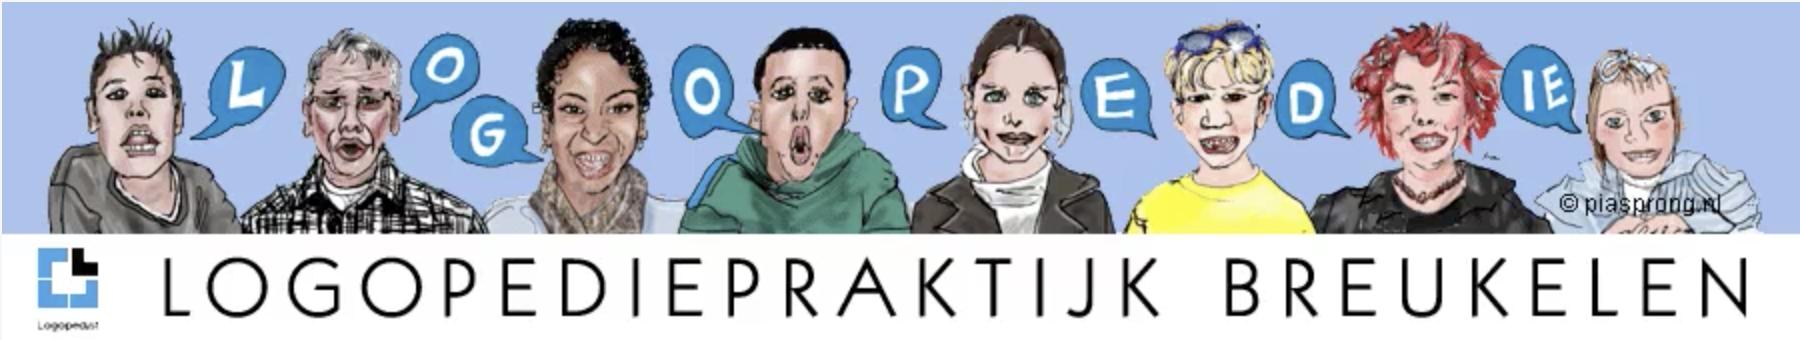 Logopediepraktijk Breukelen